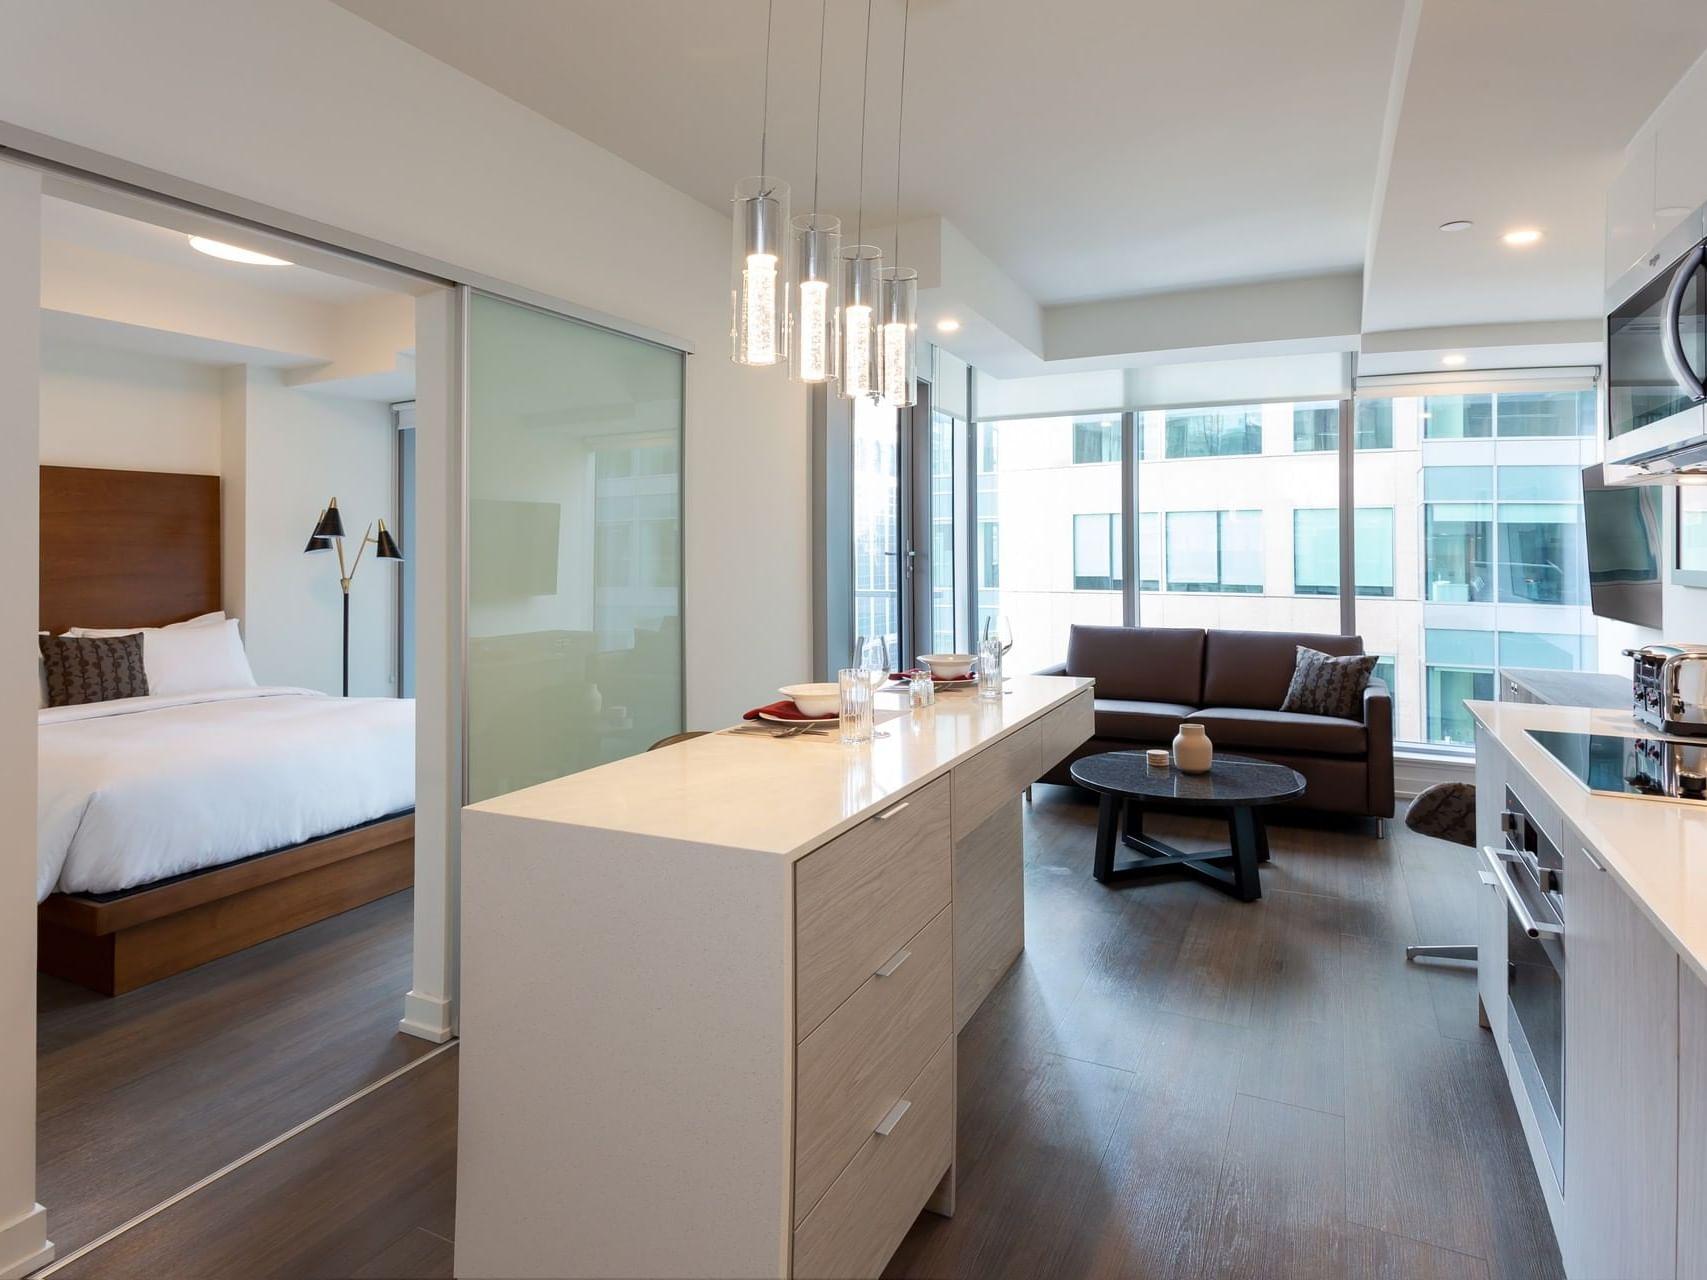 open kitchen next to living room and door to bedroom